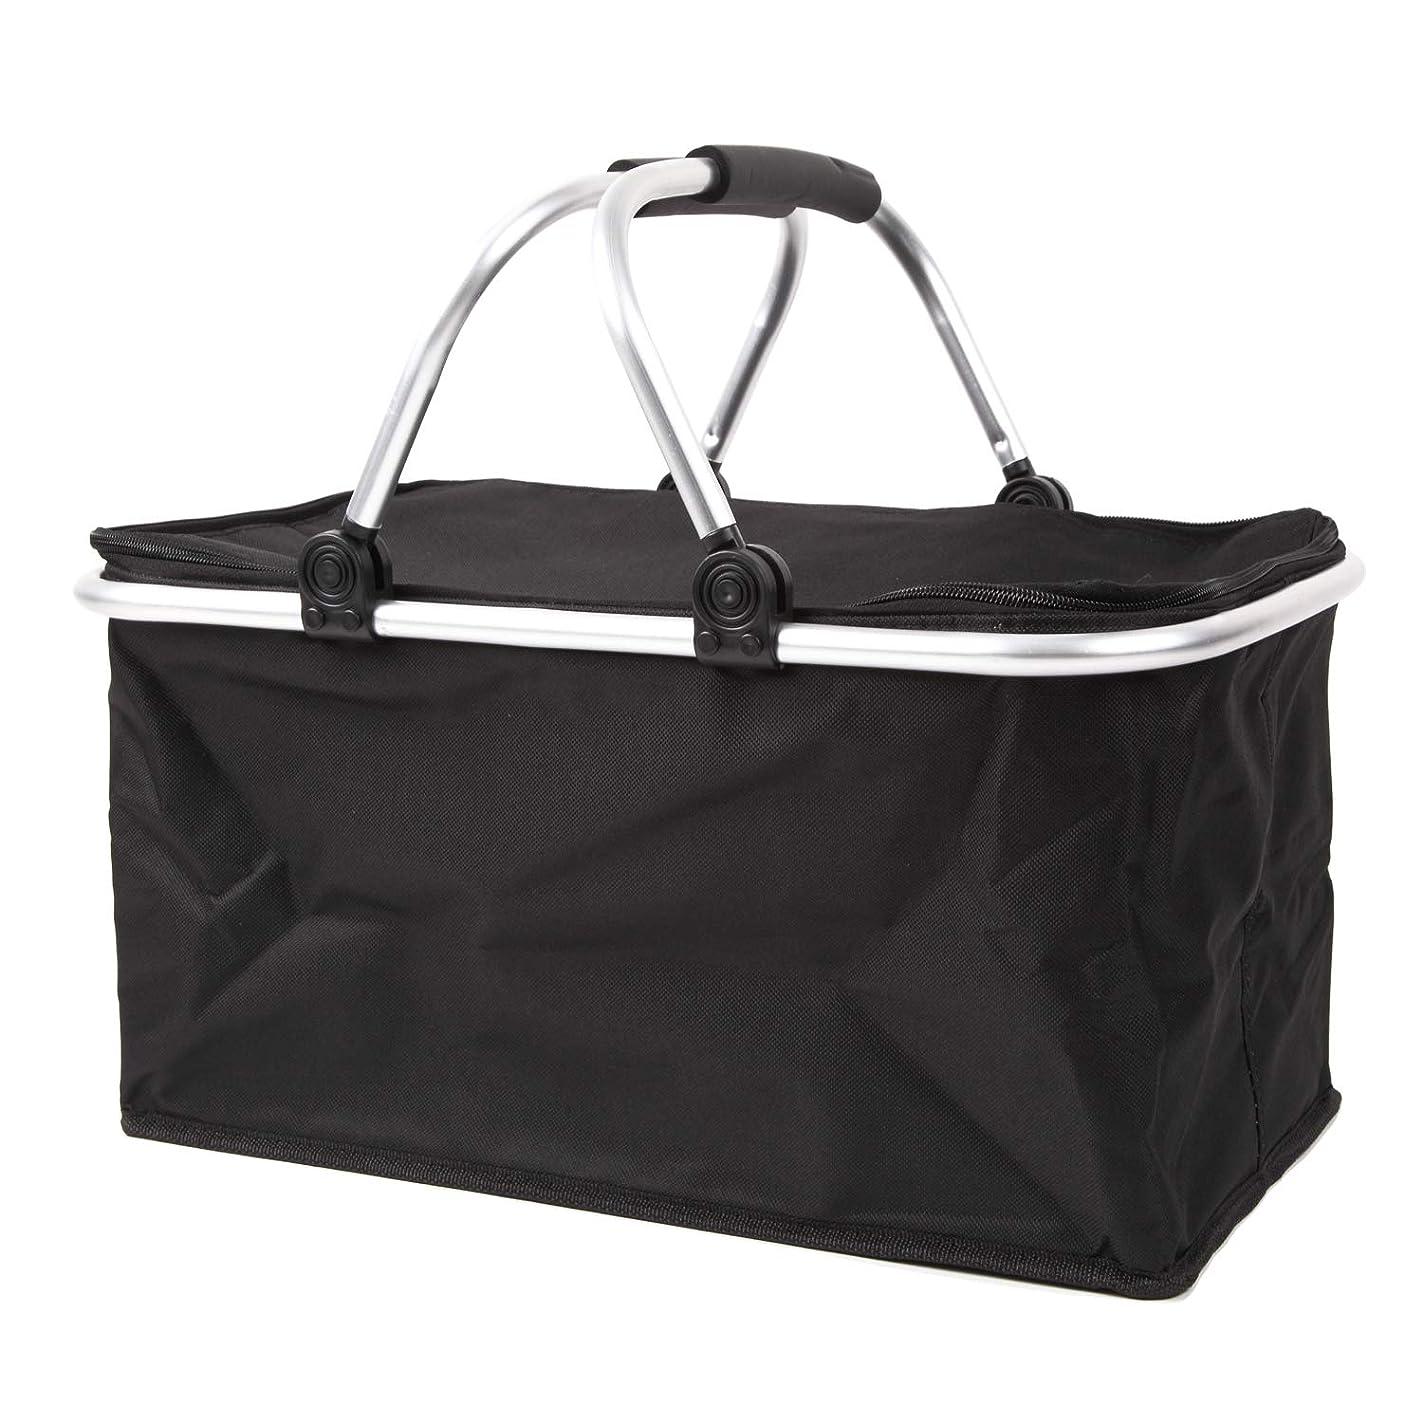 アリーナ限りなく巻き取り[スプレンノ] クーラーバスケット 28L 折り畳み 大容量バッグ ピクニックかご 保温 保冷 コンパクト収納